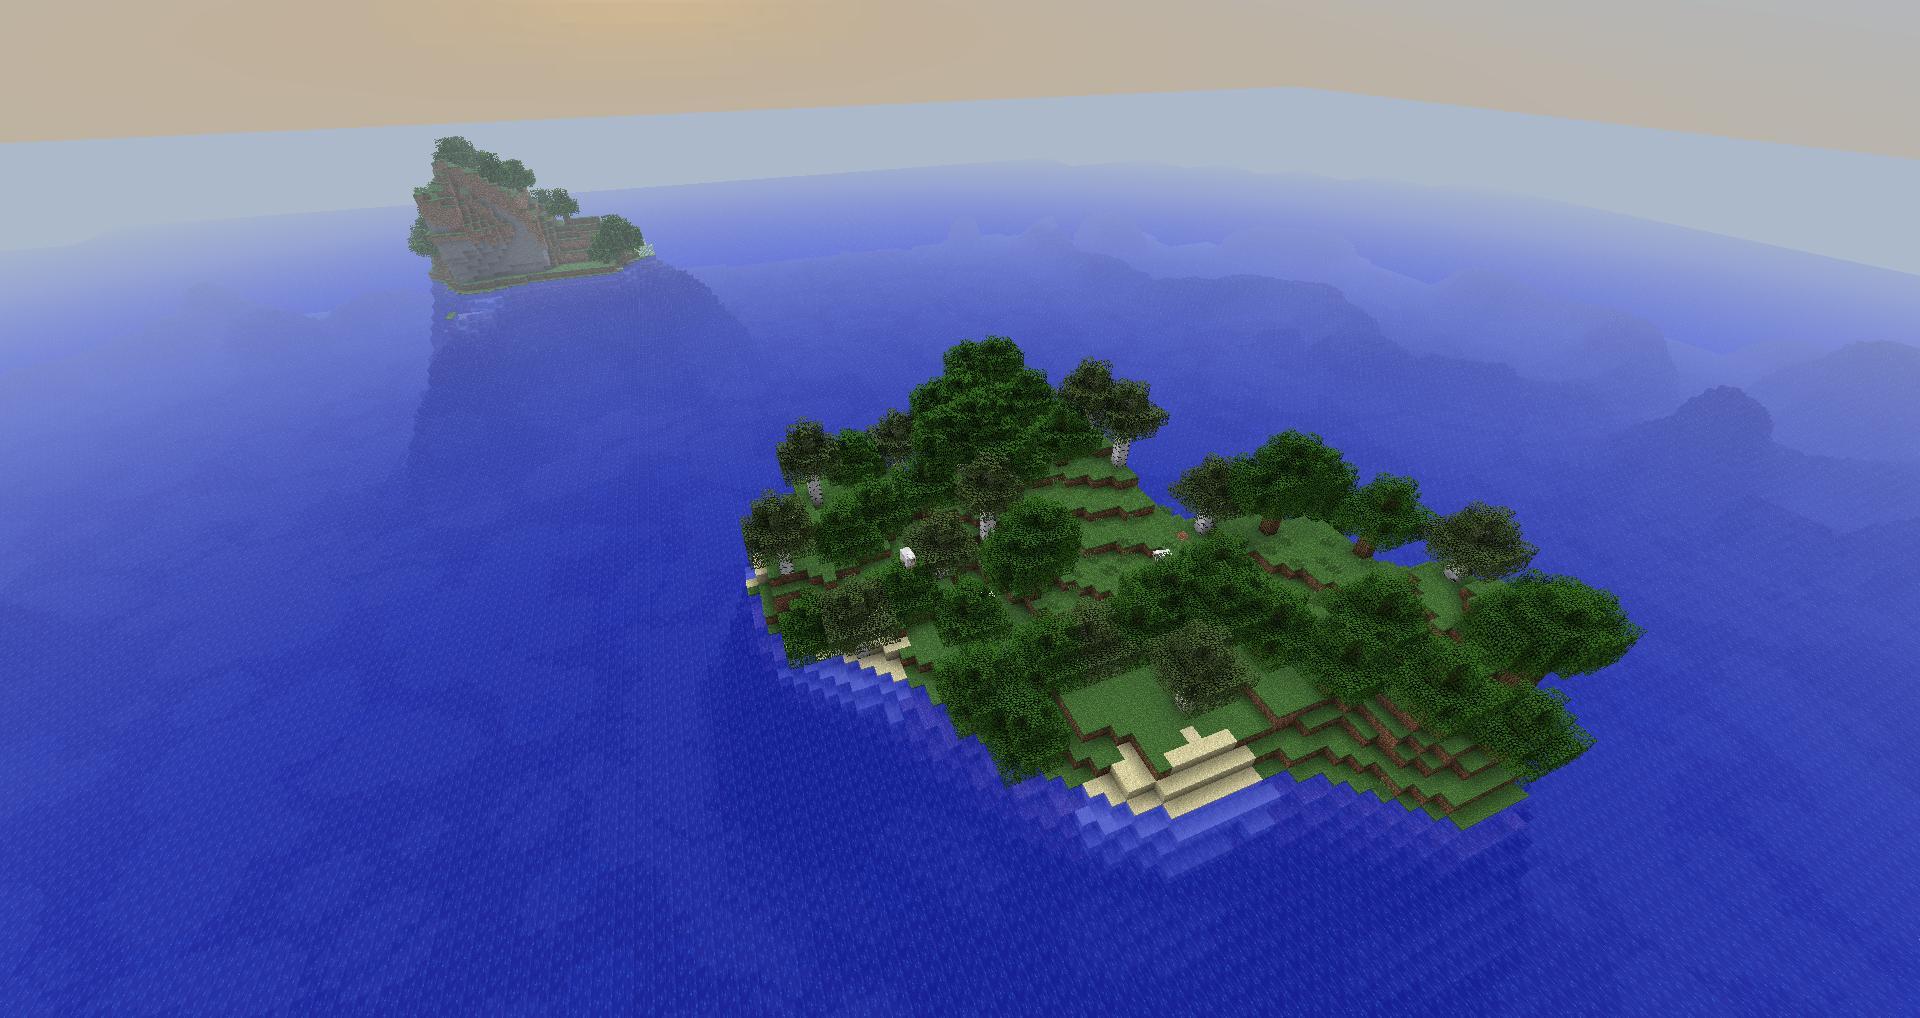 http://minecraft-forum.net/wp-content/uploads/2013/03/a14eb__Ocean-Adventures-Mod-2.jpg